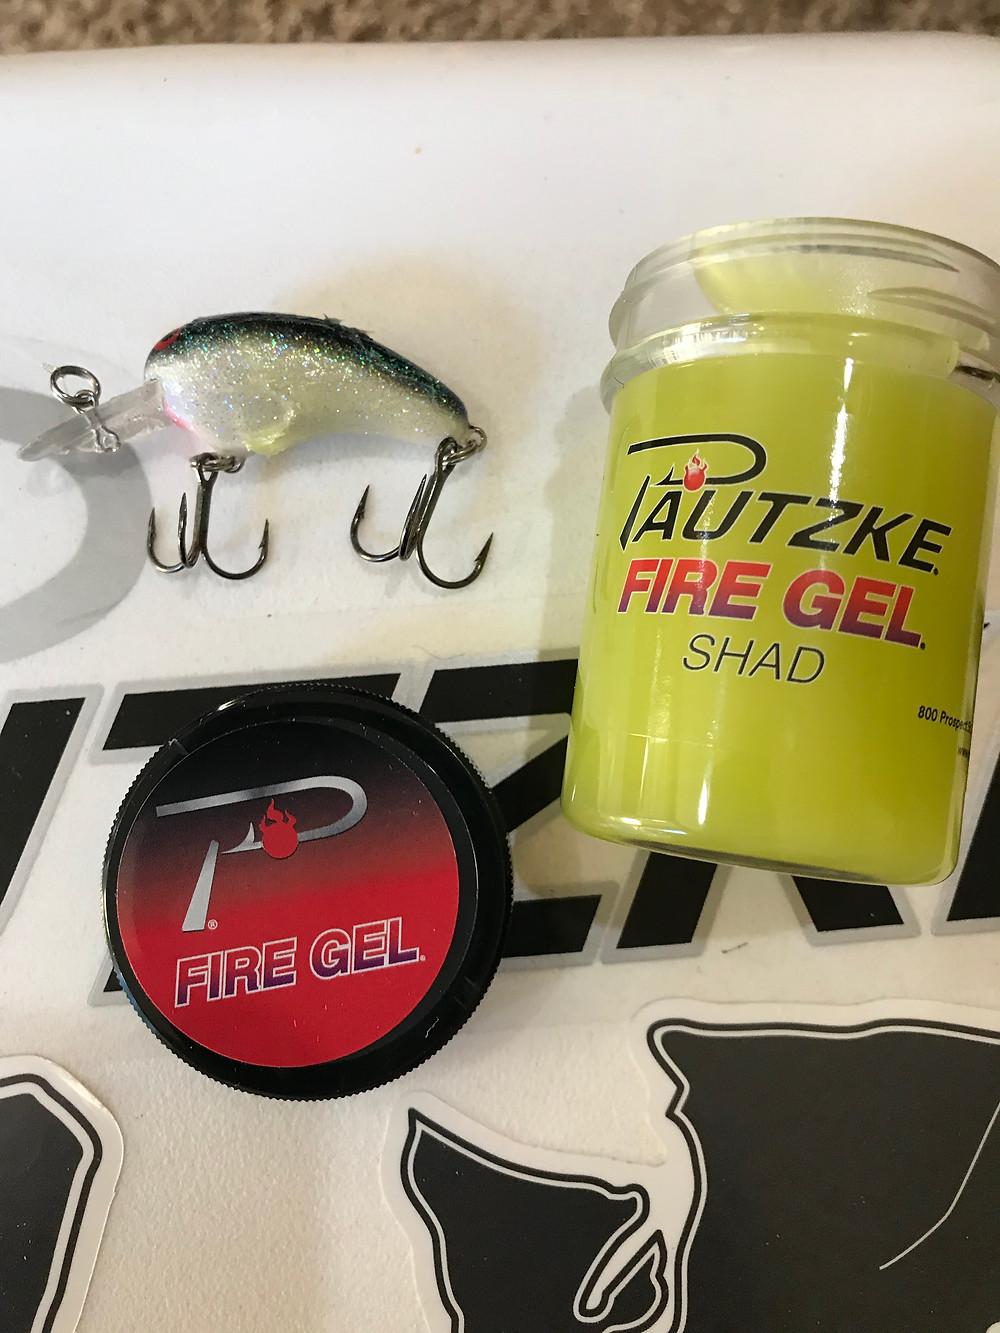 Pautzke Fire Gel Shad Flavor